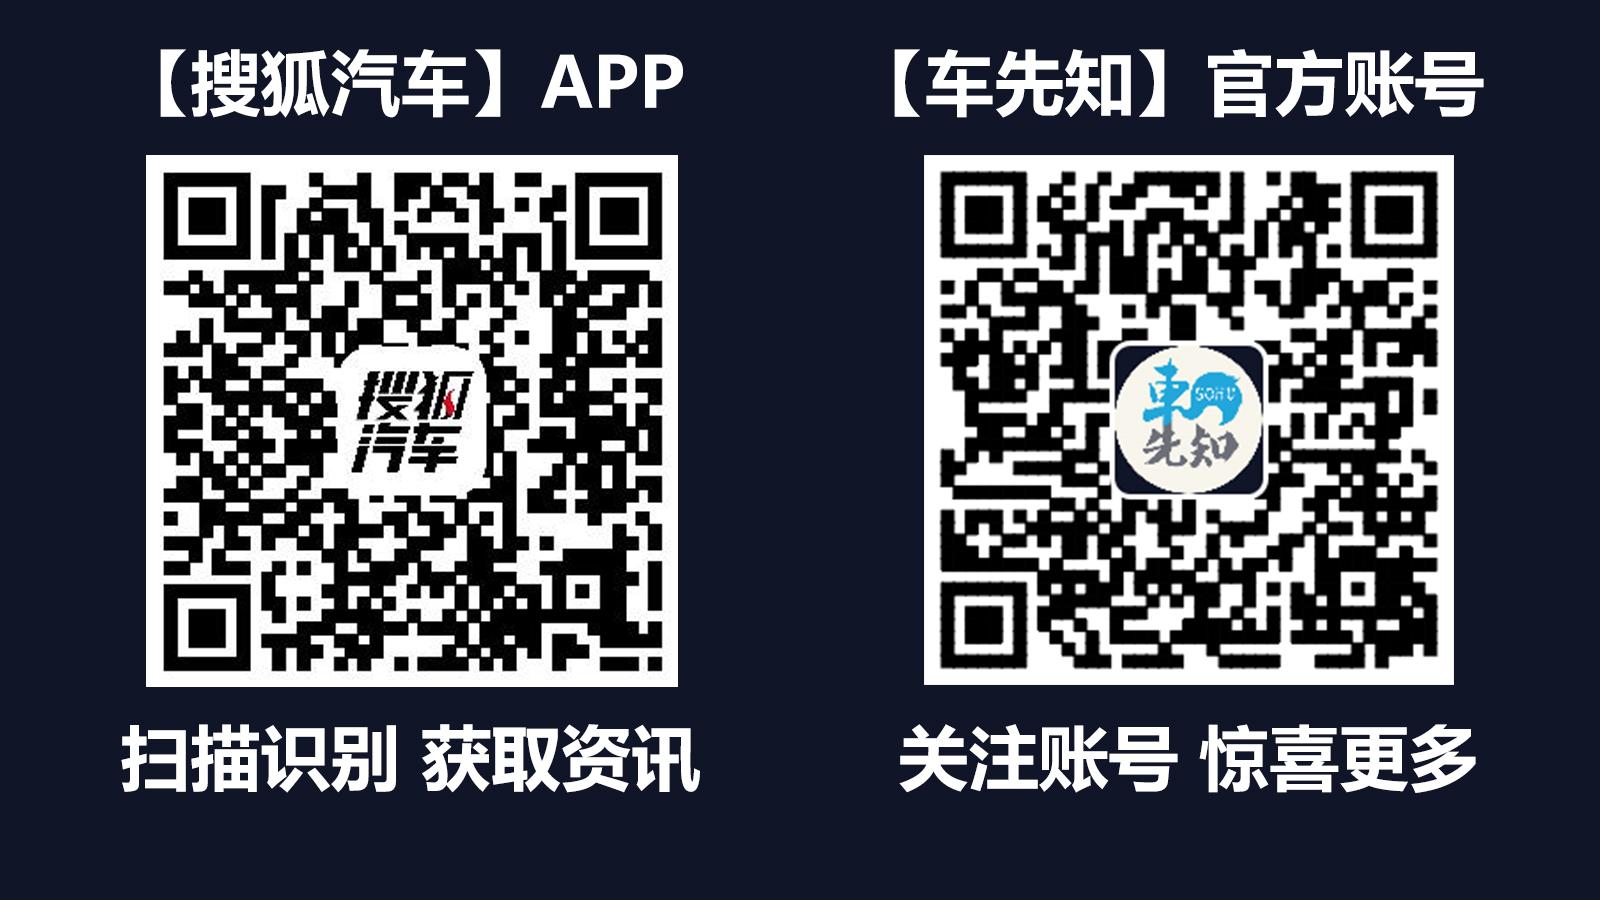 新车周刊:全新领航员奥迪A6本周重磅车_北京赛车pk10